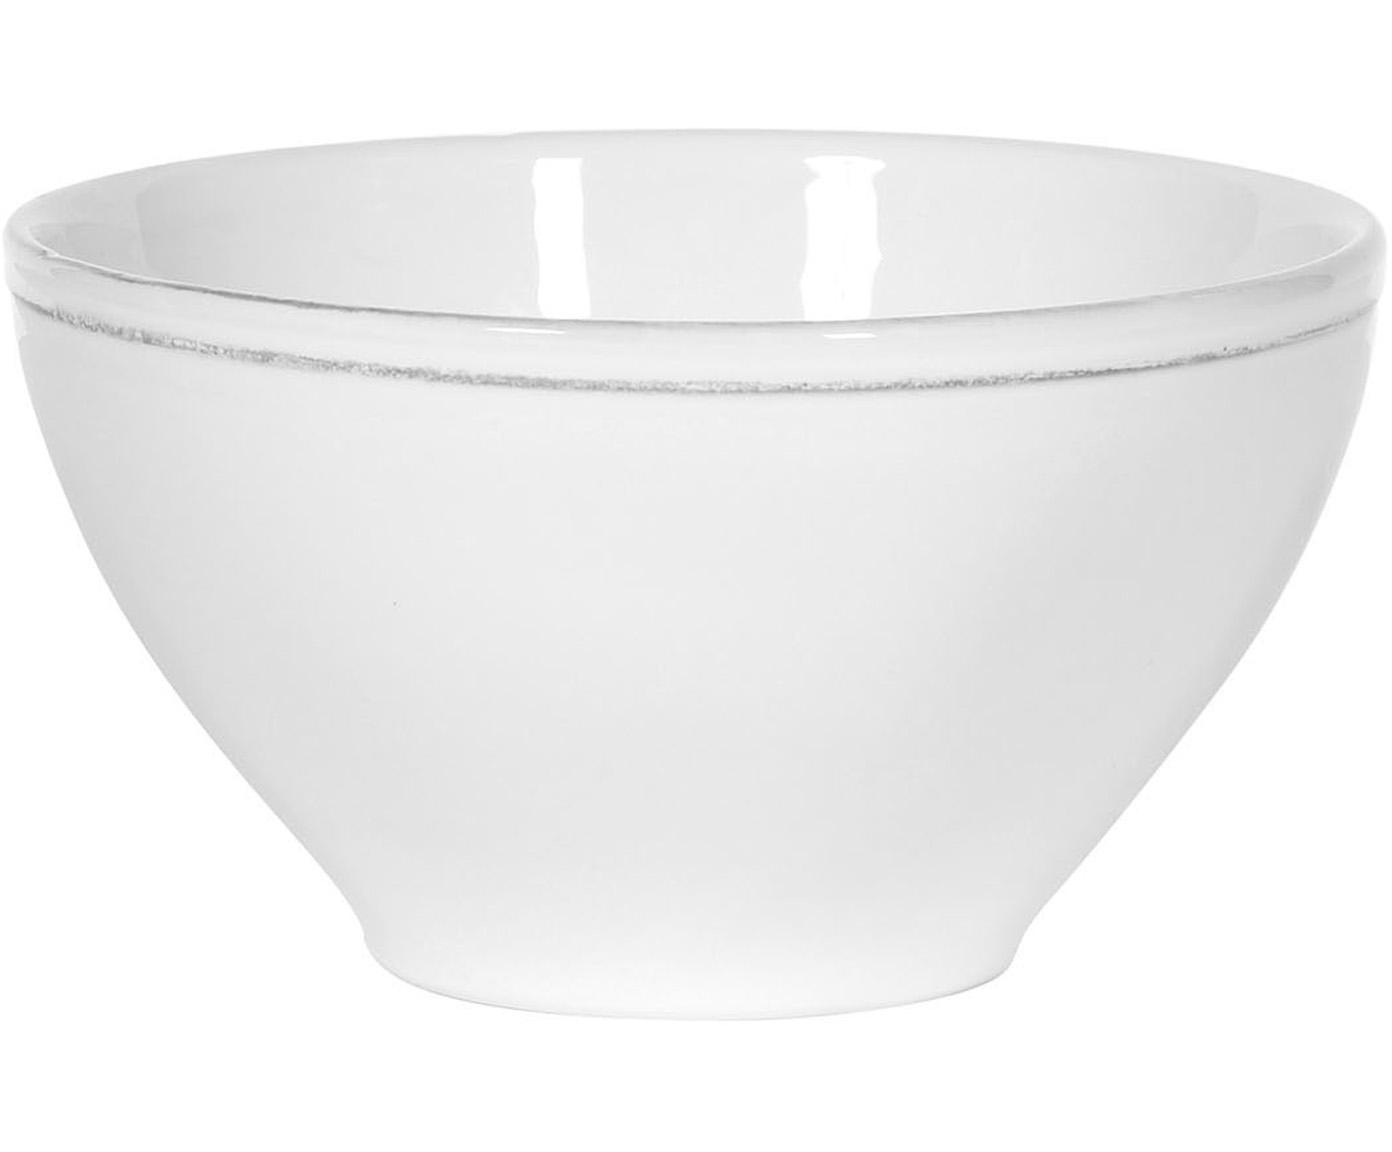 Kommen Constance in wit, 2 stuks, Keramiek, Wit, Ø 15 x H 9 cm